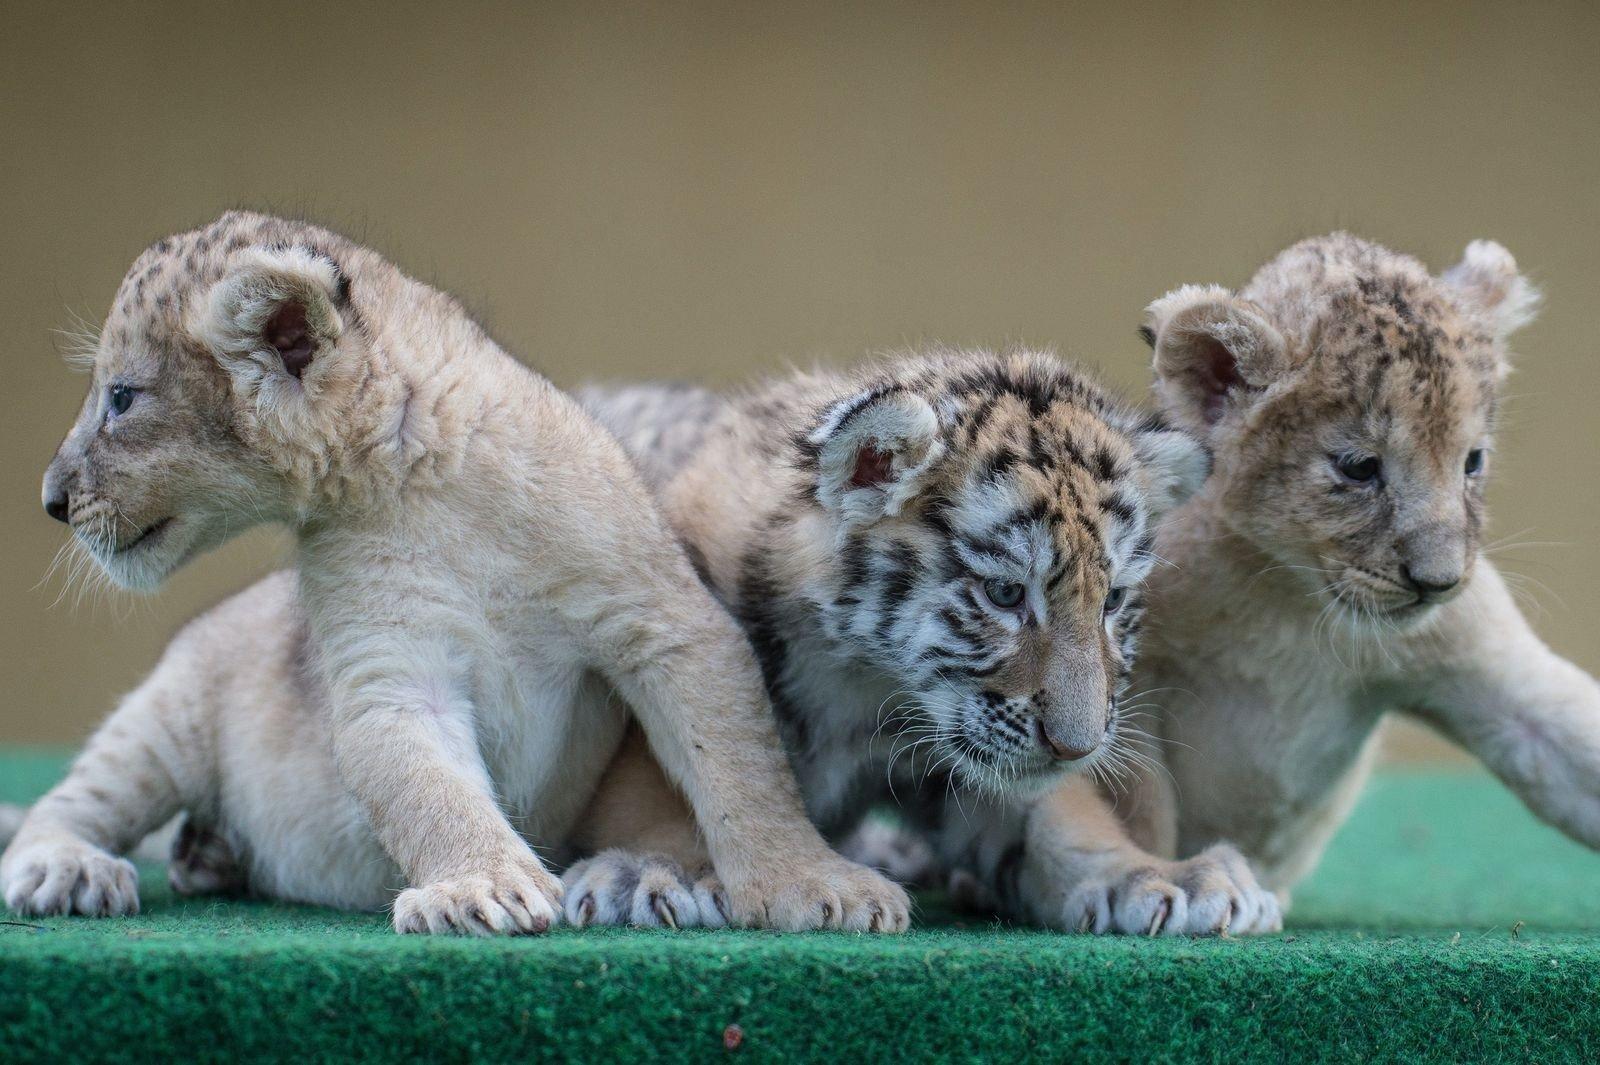 Együtt nevelkedik két oroszlánkölykök és egy kistigris